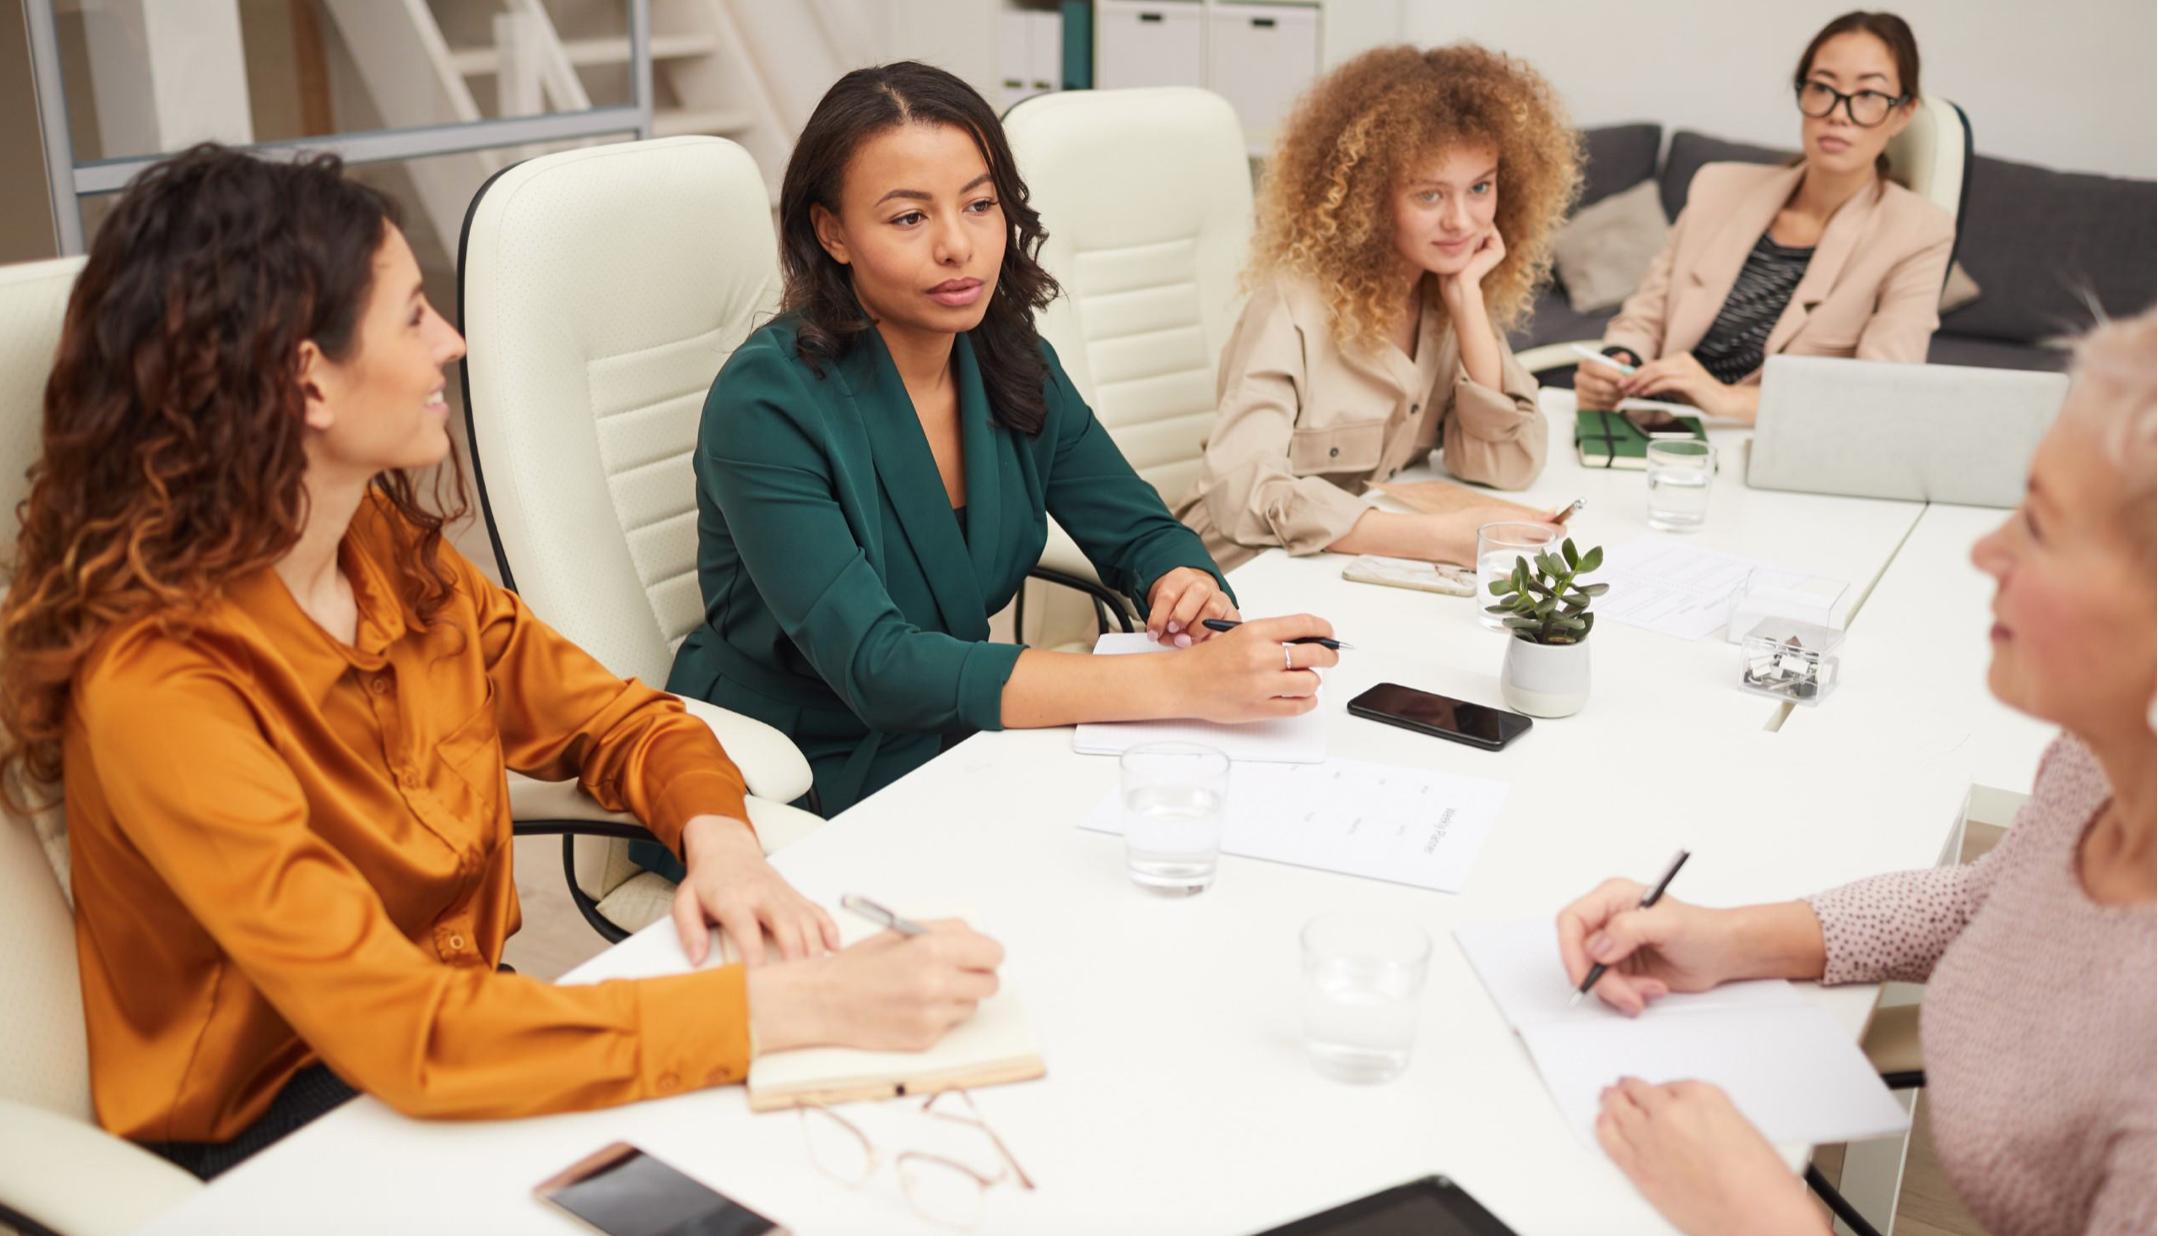 Women in a boardroom